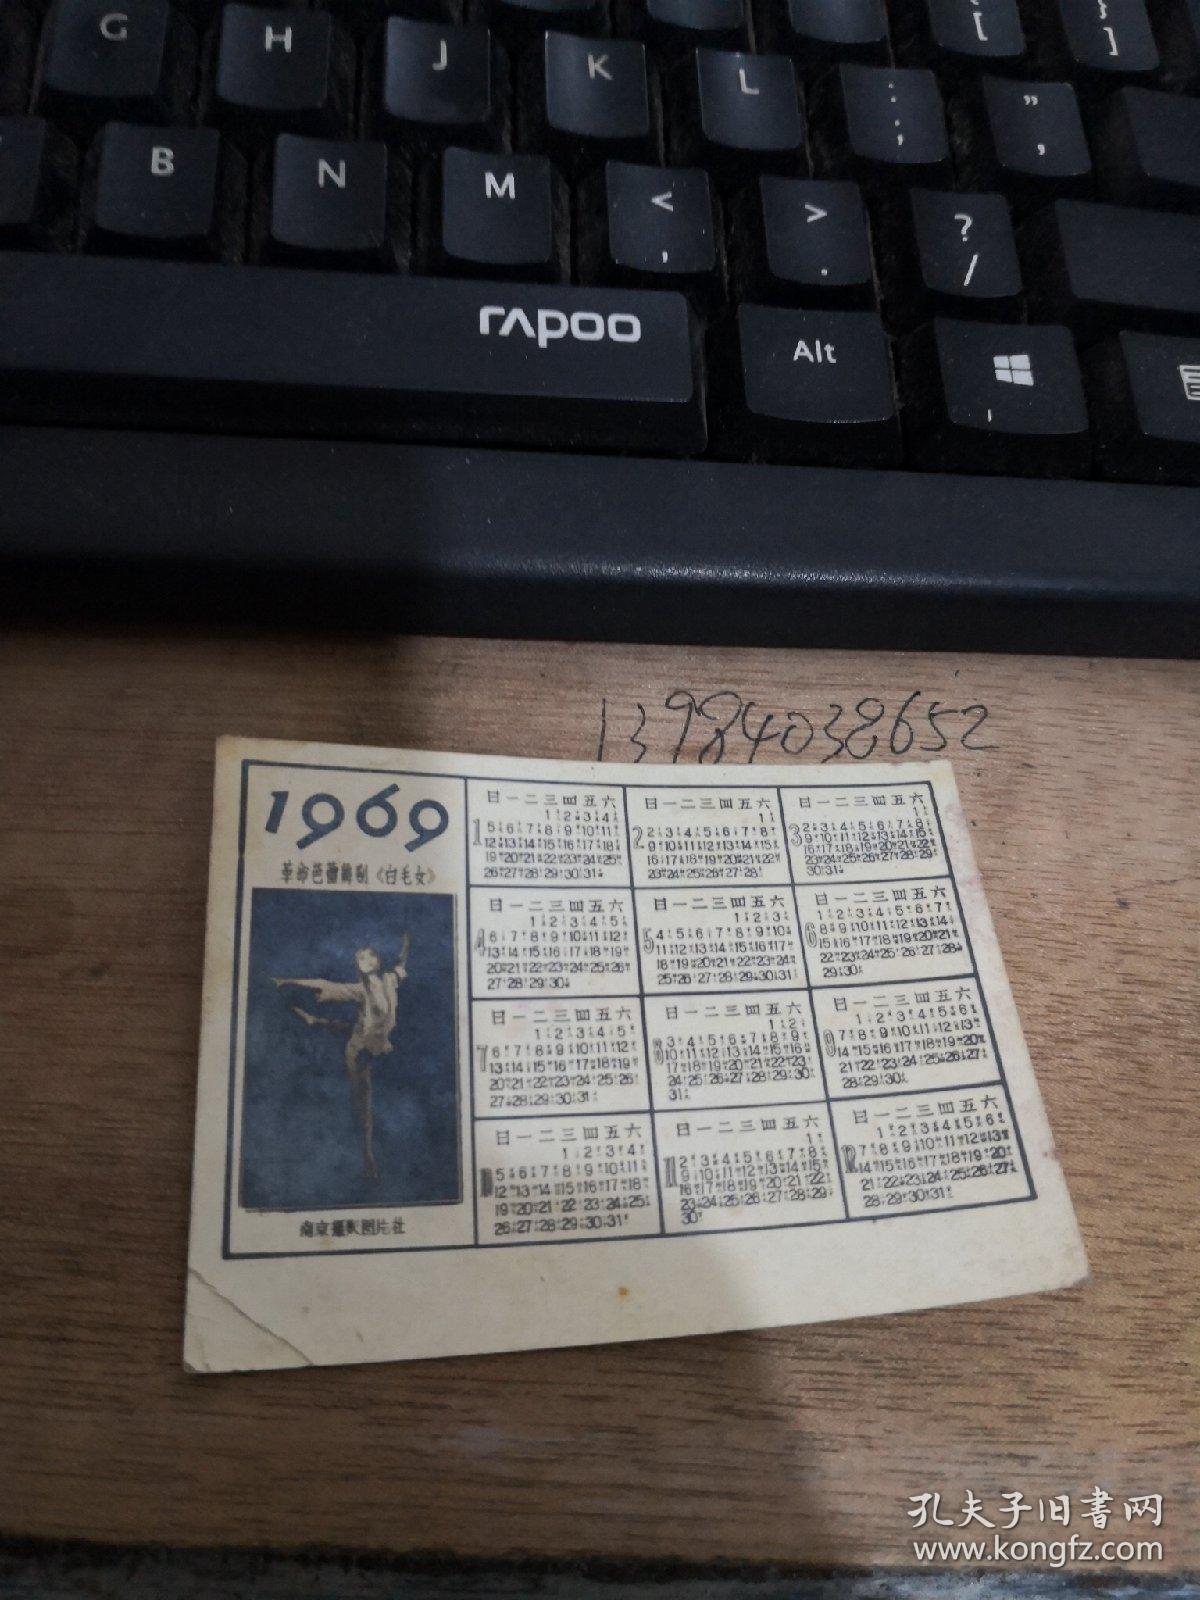 卡片:1969年年历卡(革命芭蕾舞剧  白毛女) 照片纸   品自定  编号 分3号册